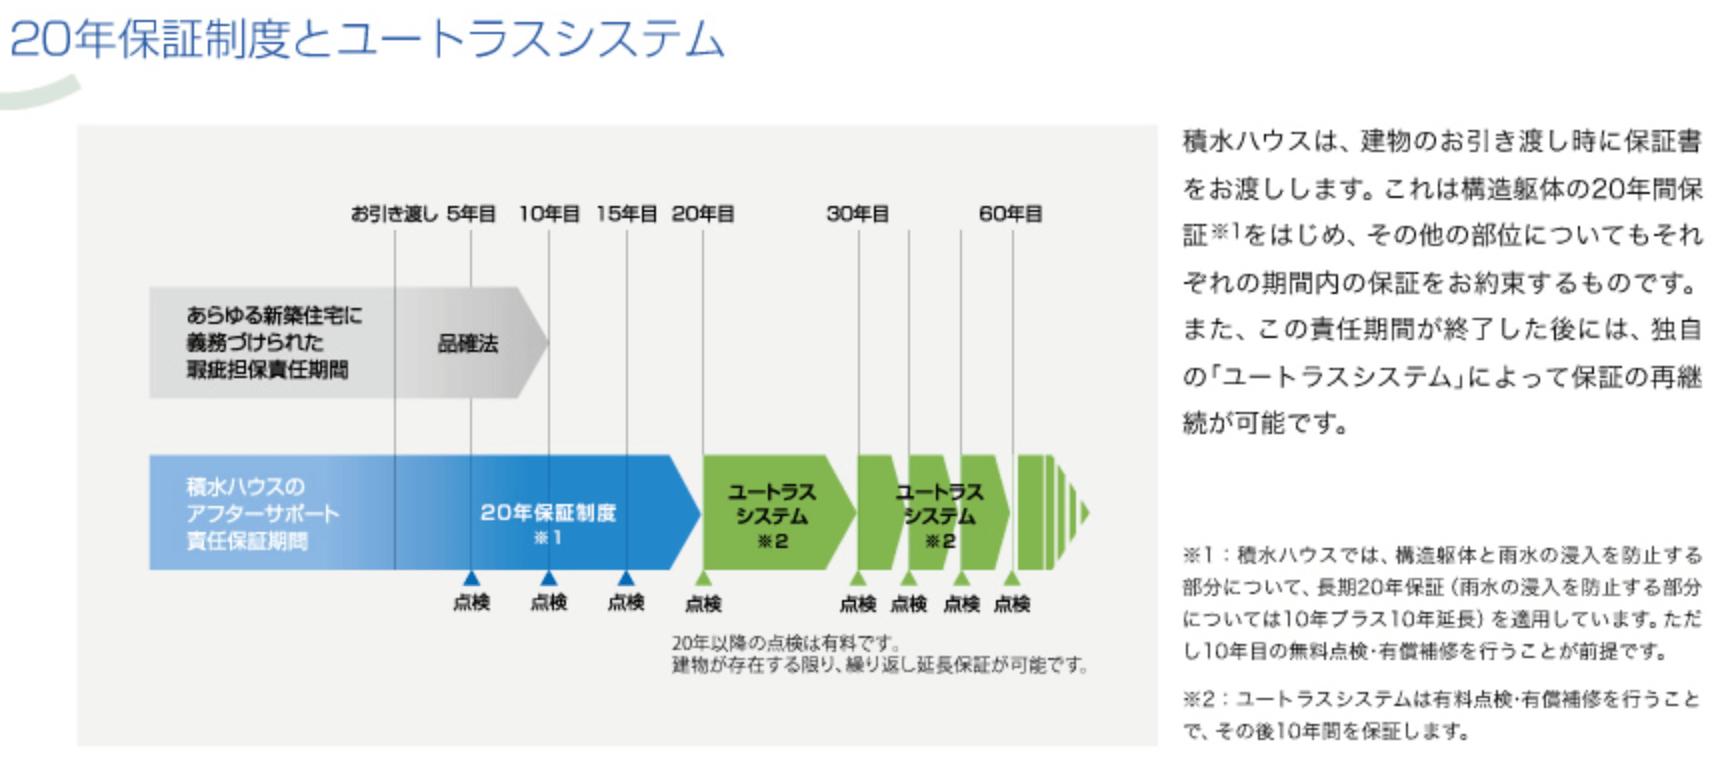 積水ハウスの20年間保証制度とユートラスシステム